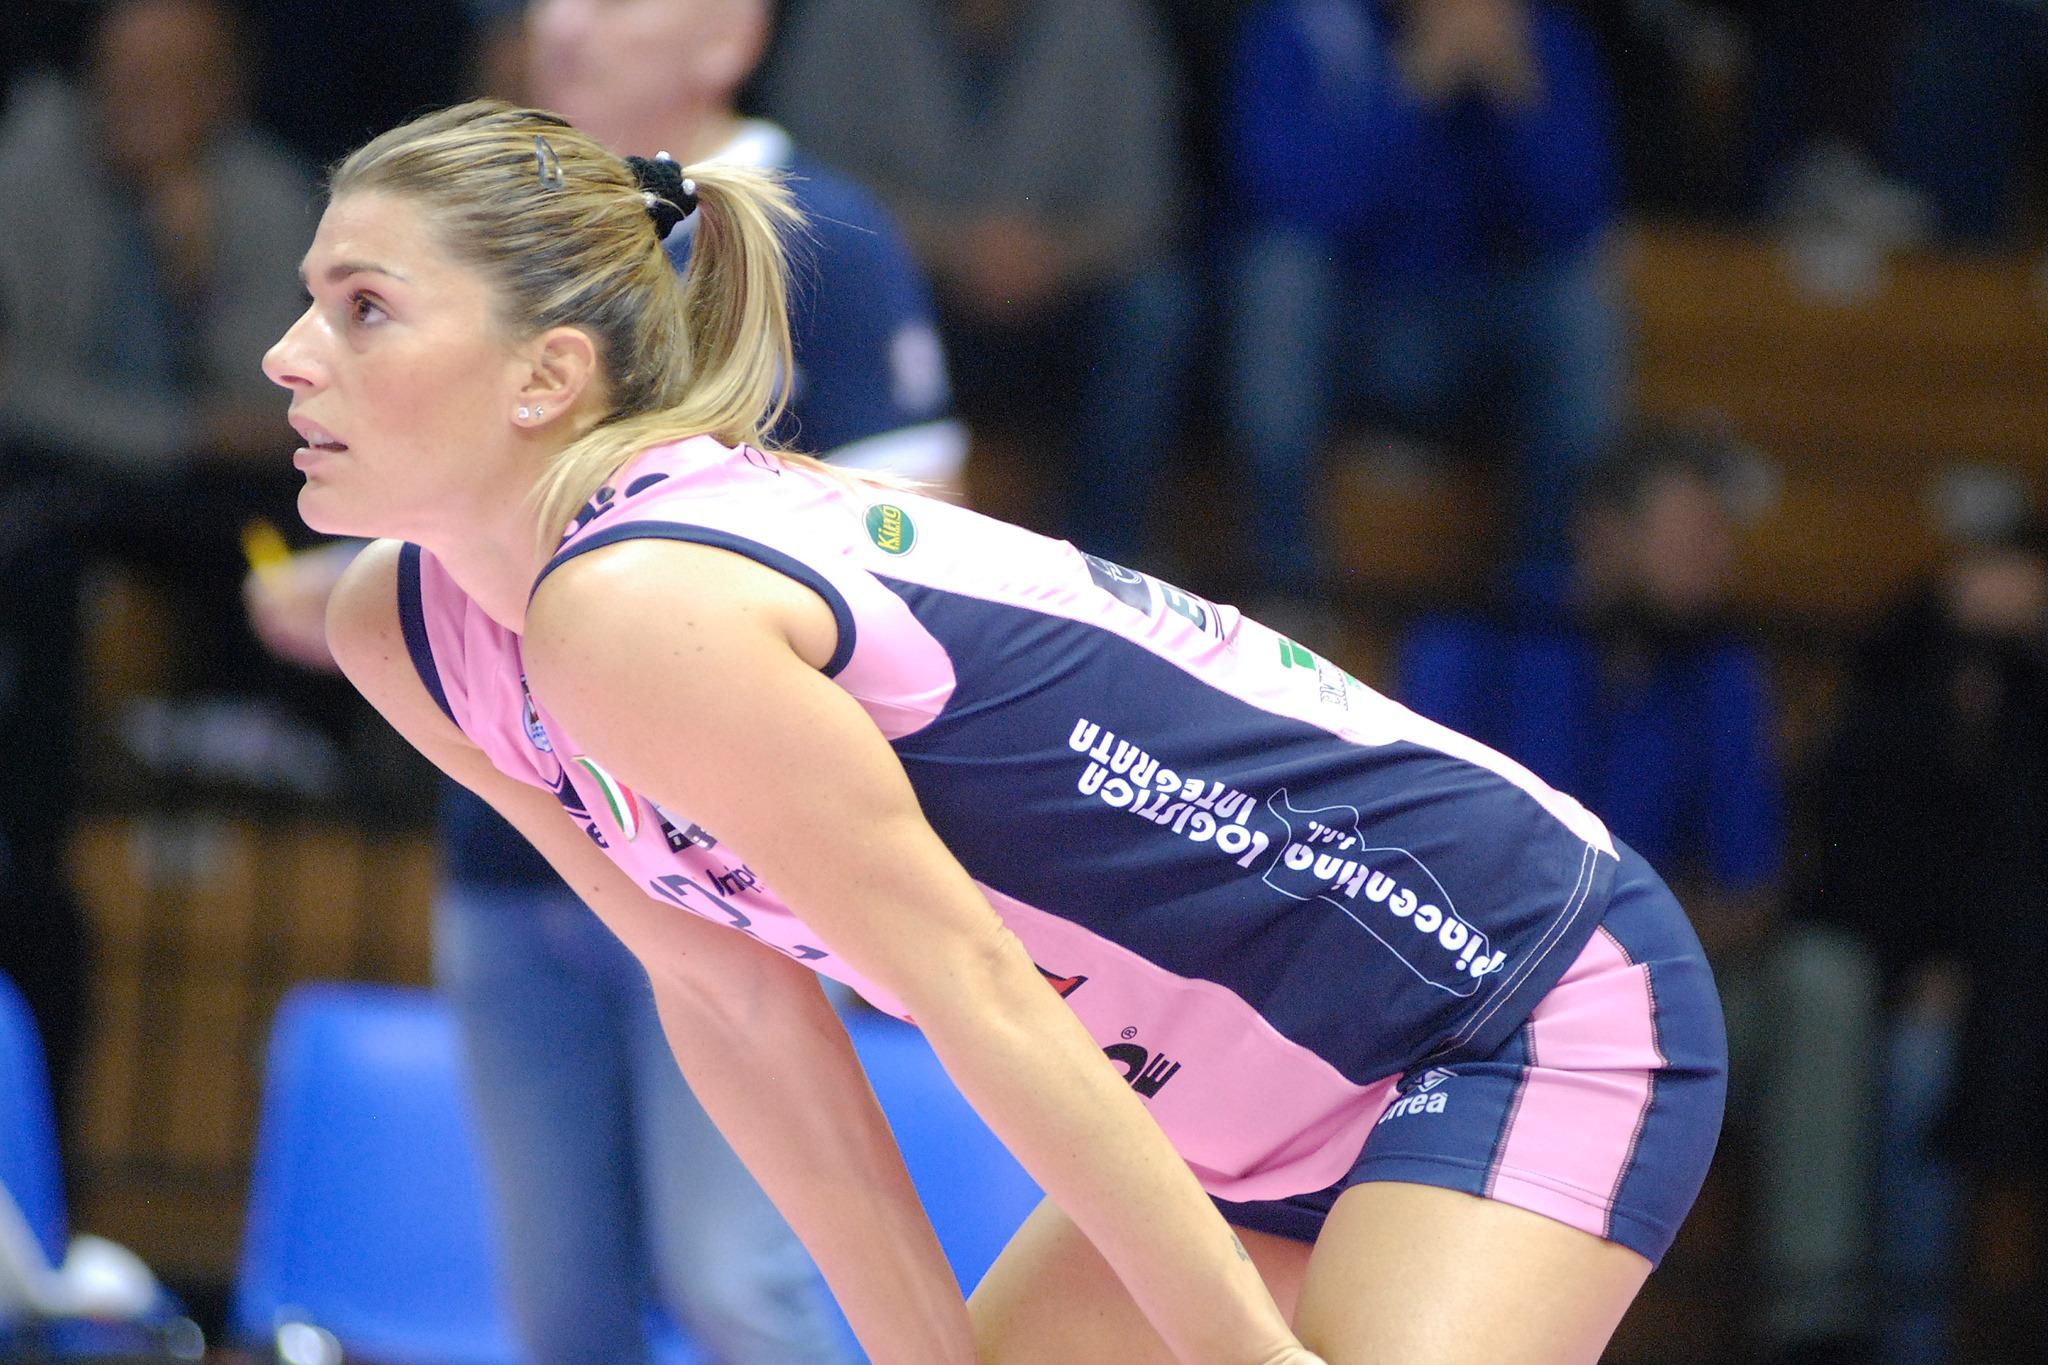 """""""Questo sarà il mio ultimo anno da giocatrice"""". Lasciano poco spazio a ripensamenti le parole di Francesca Piccinini, che a fine stagione saluterà il volley."""